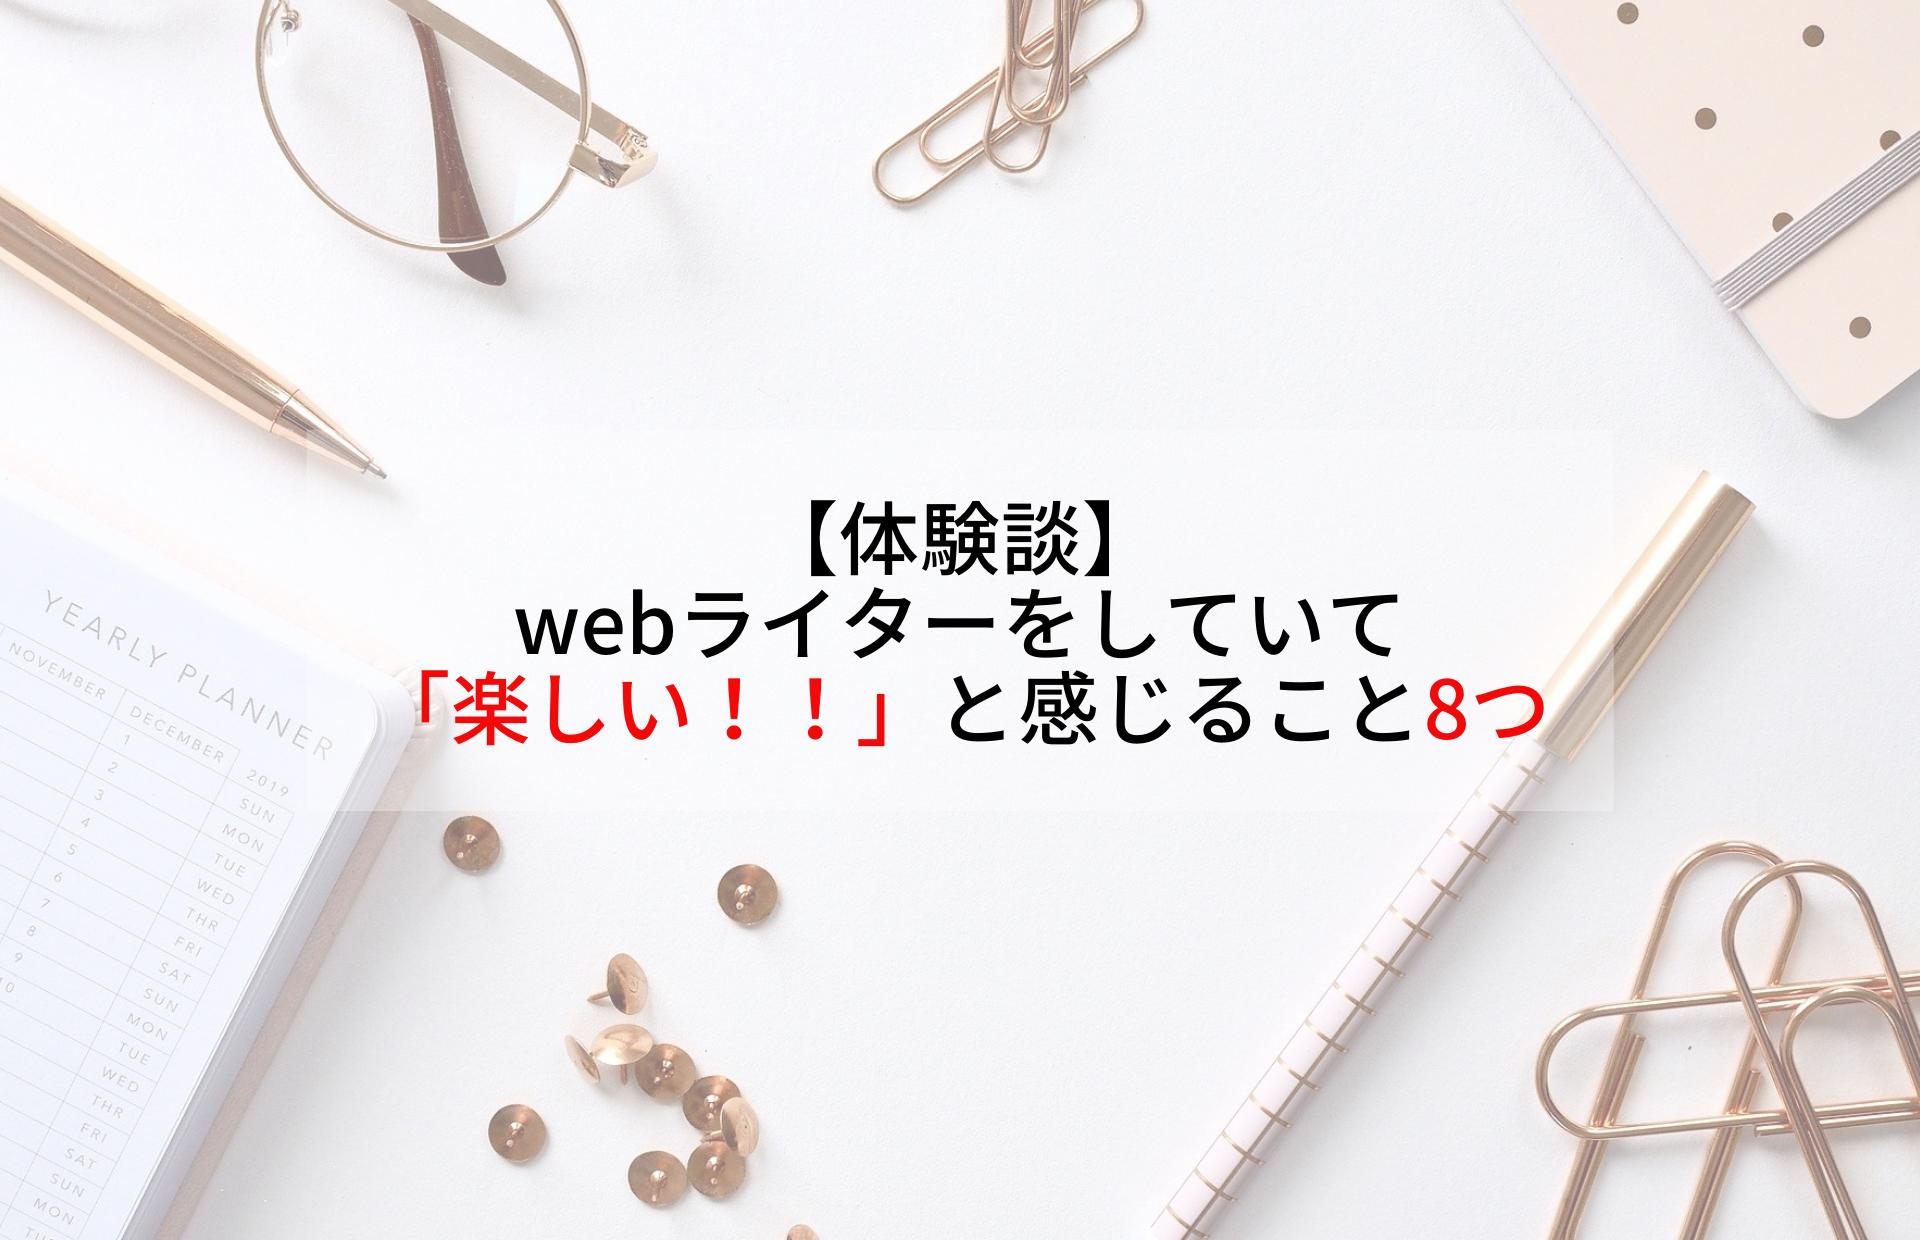 【体験談】webライターをしていて「楽しい!!」と感じること8つ